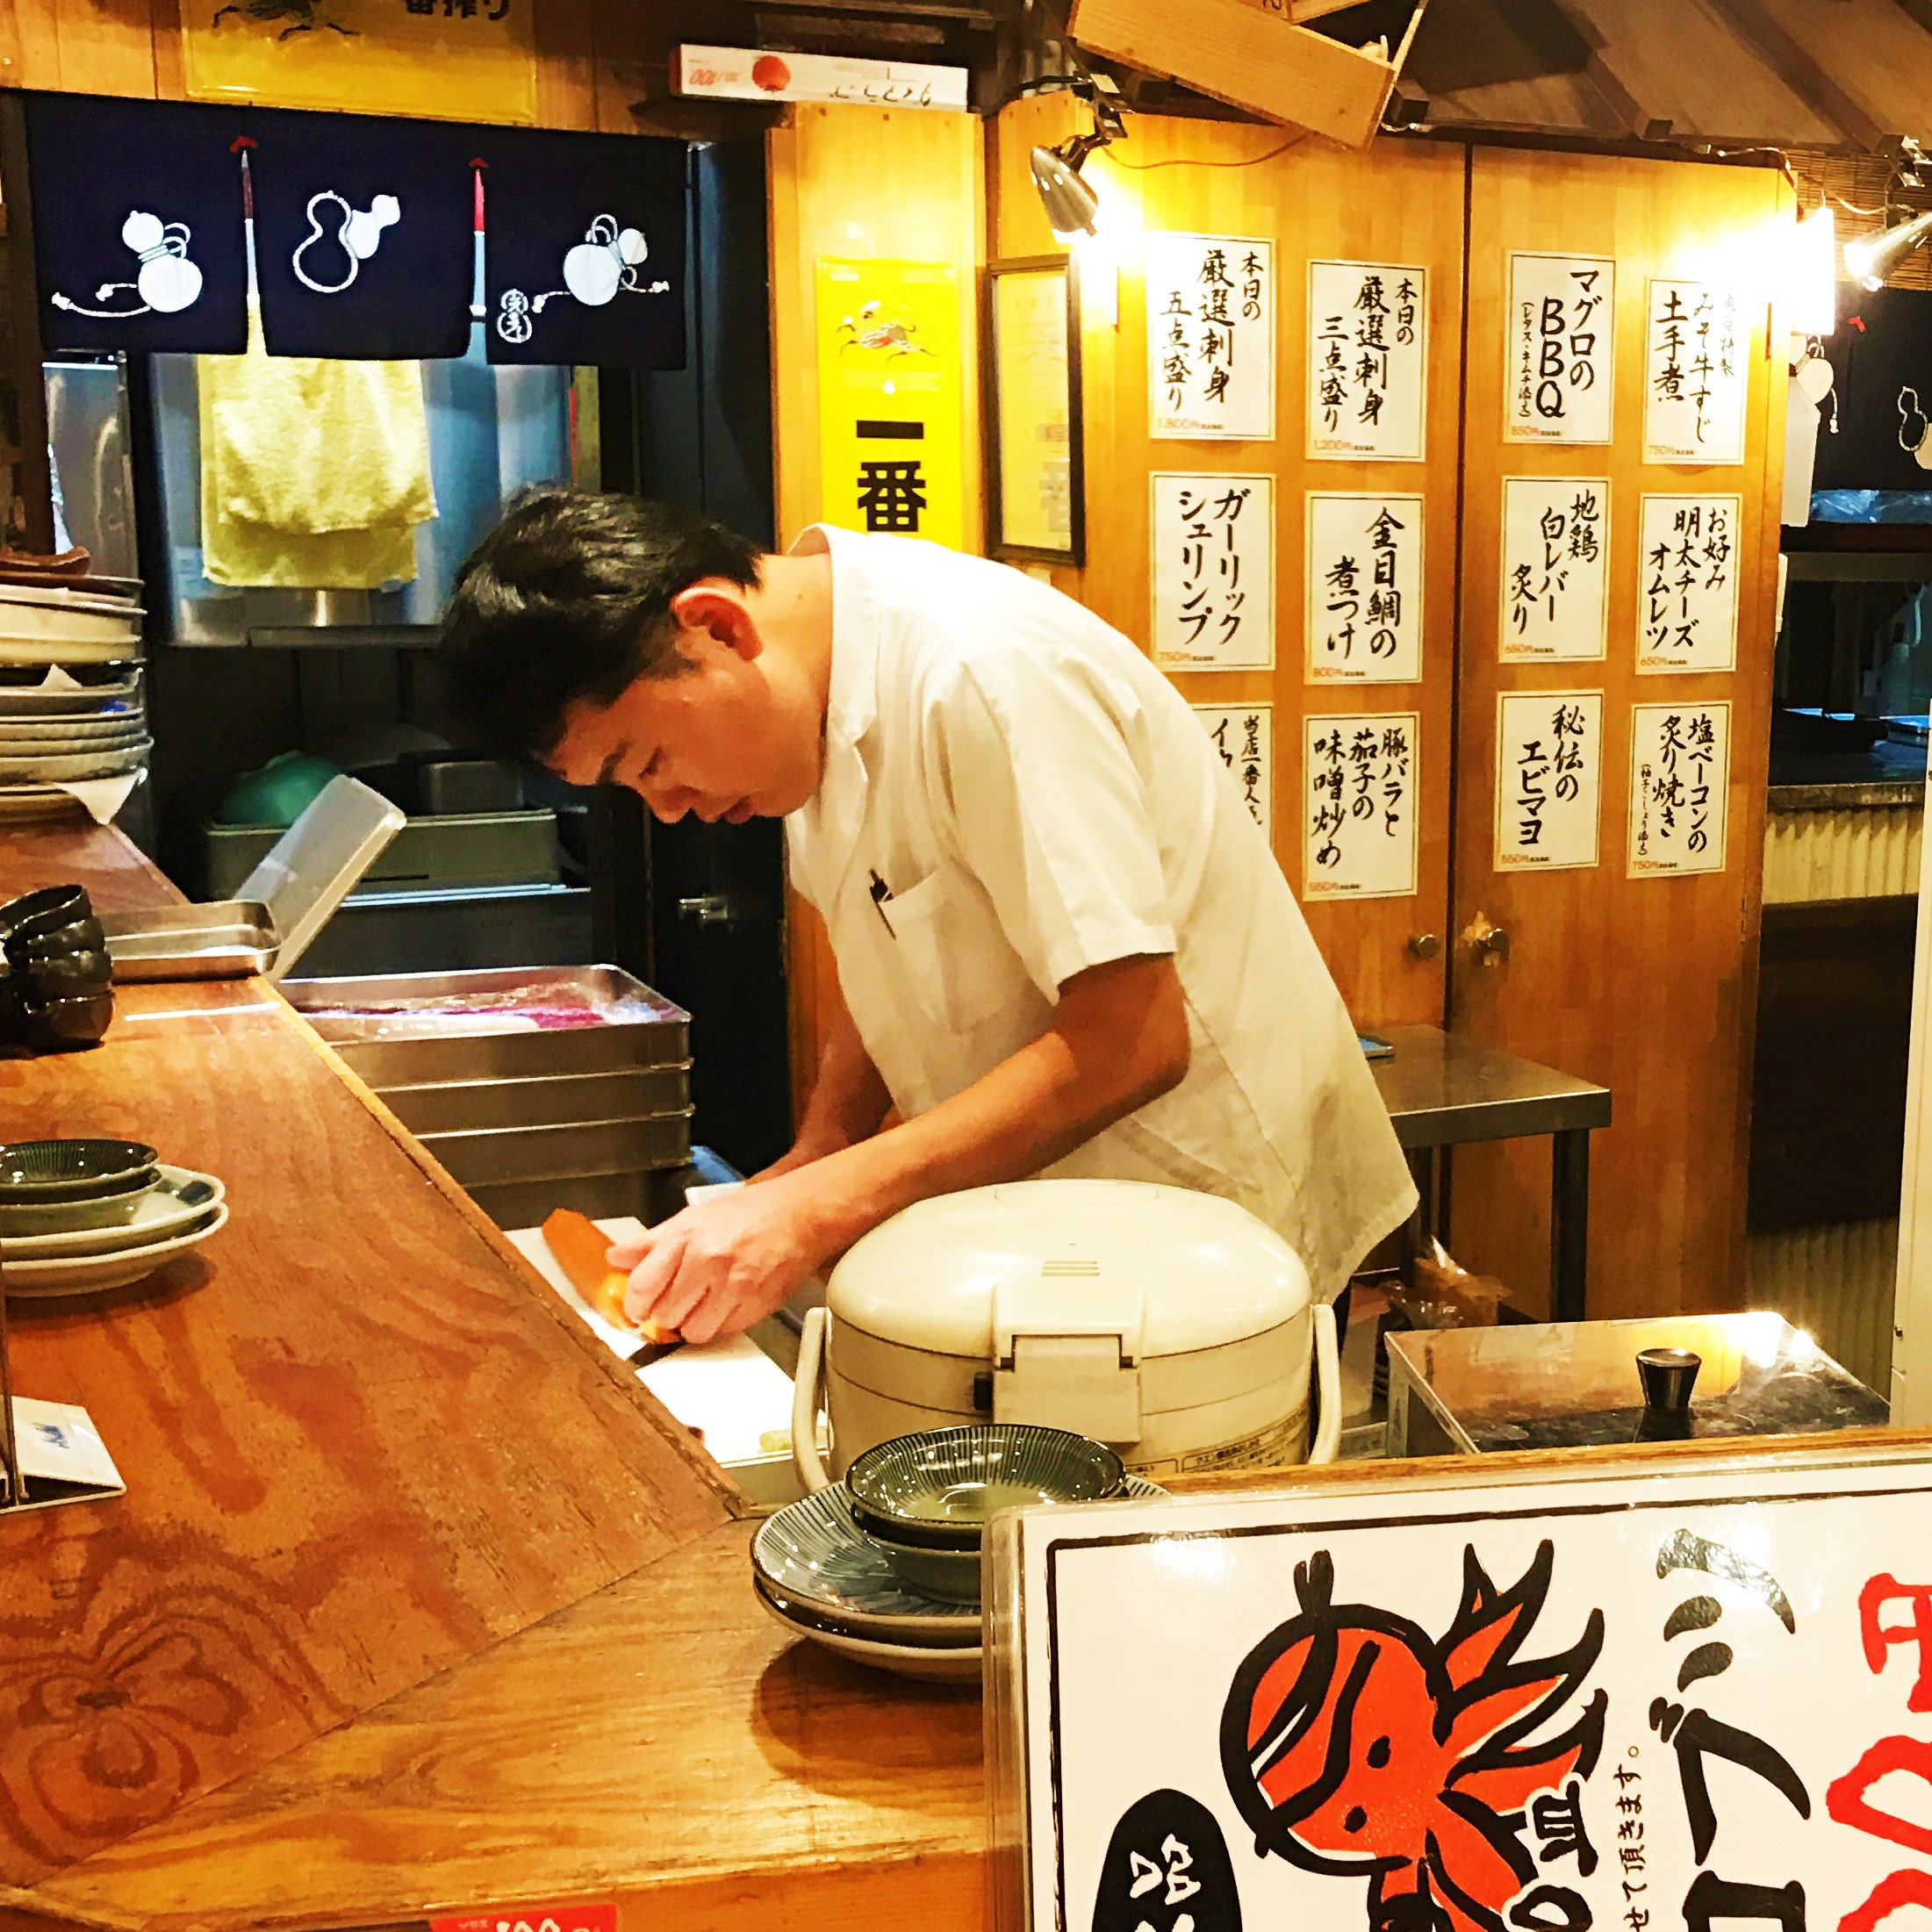 【魅せる料理人になろう】オープンキッチンでかっこよく見せれる料理人になれる!九州男児大歓迎!